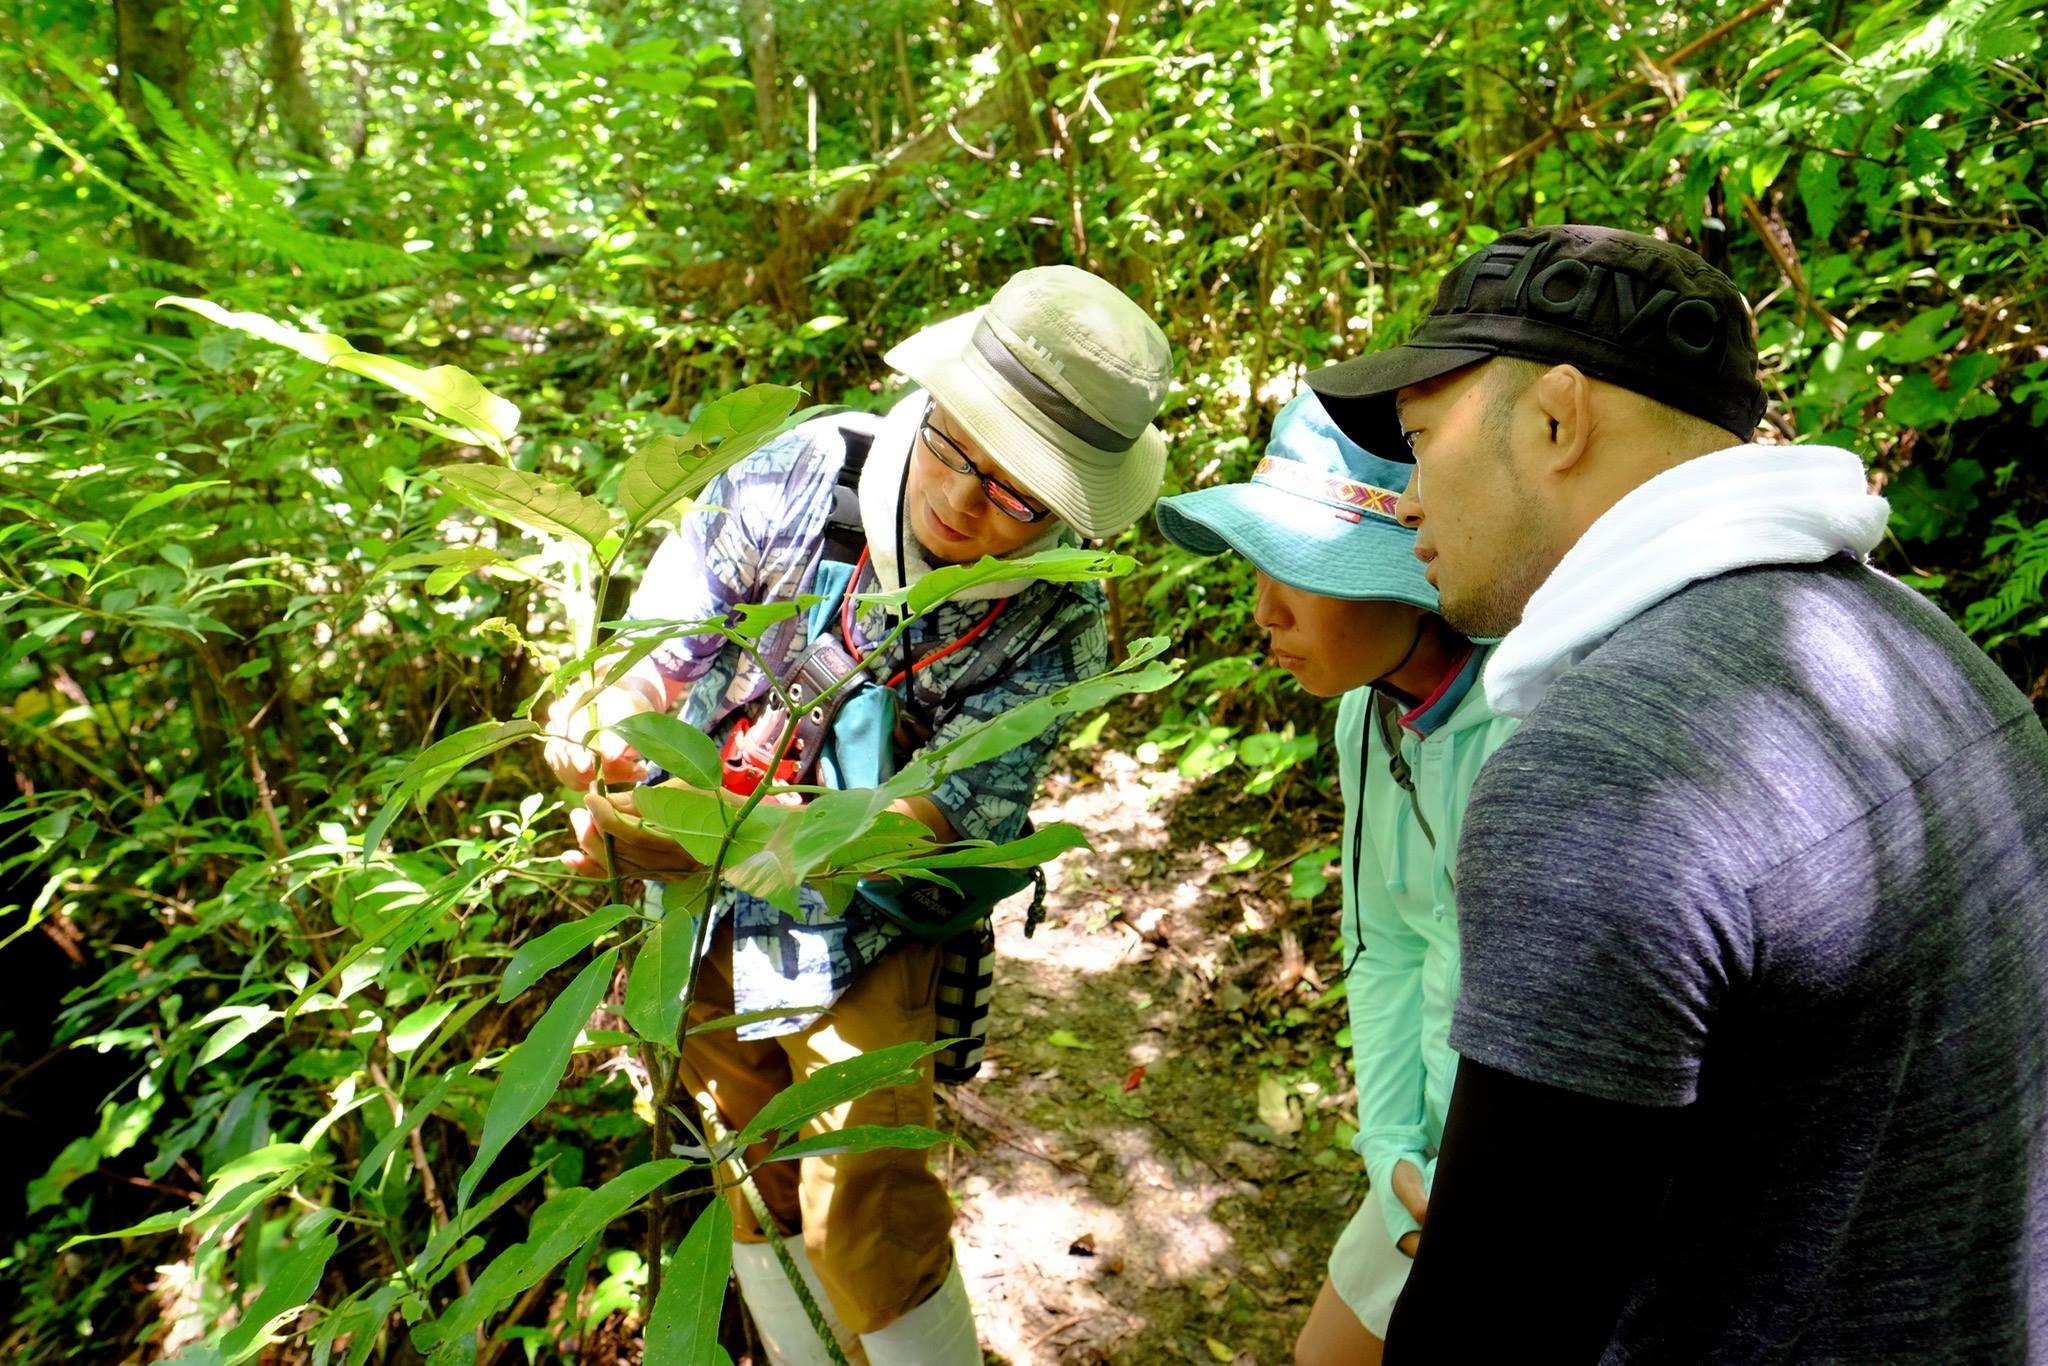 のんびり一人旅の沖縄旅行で、ガイドが同行するエコツアーへの参加が意外とおすすめな5つの理由